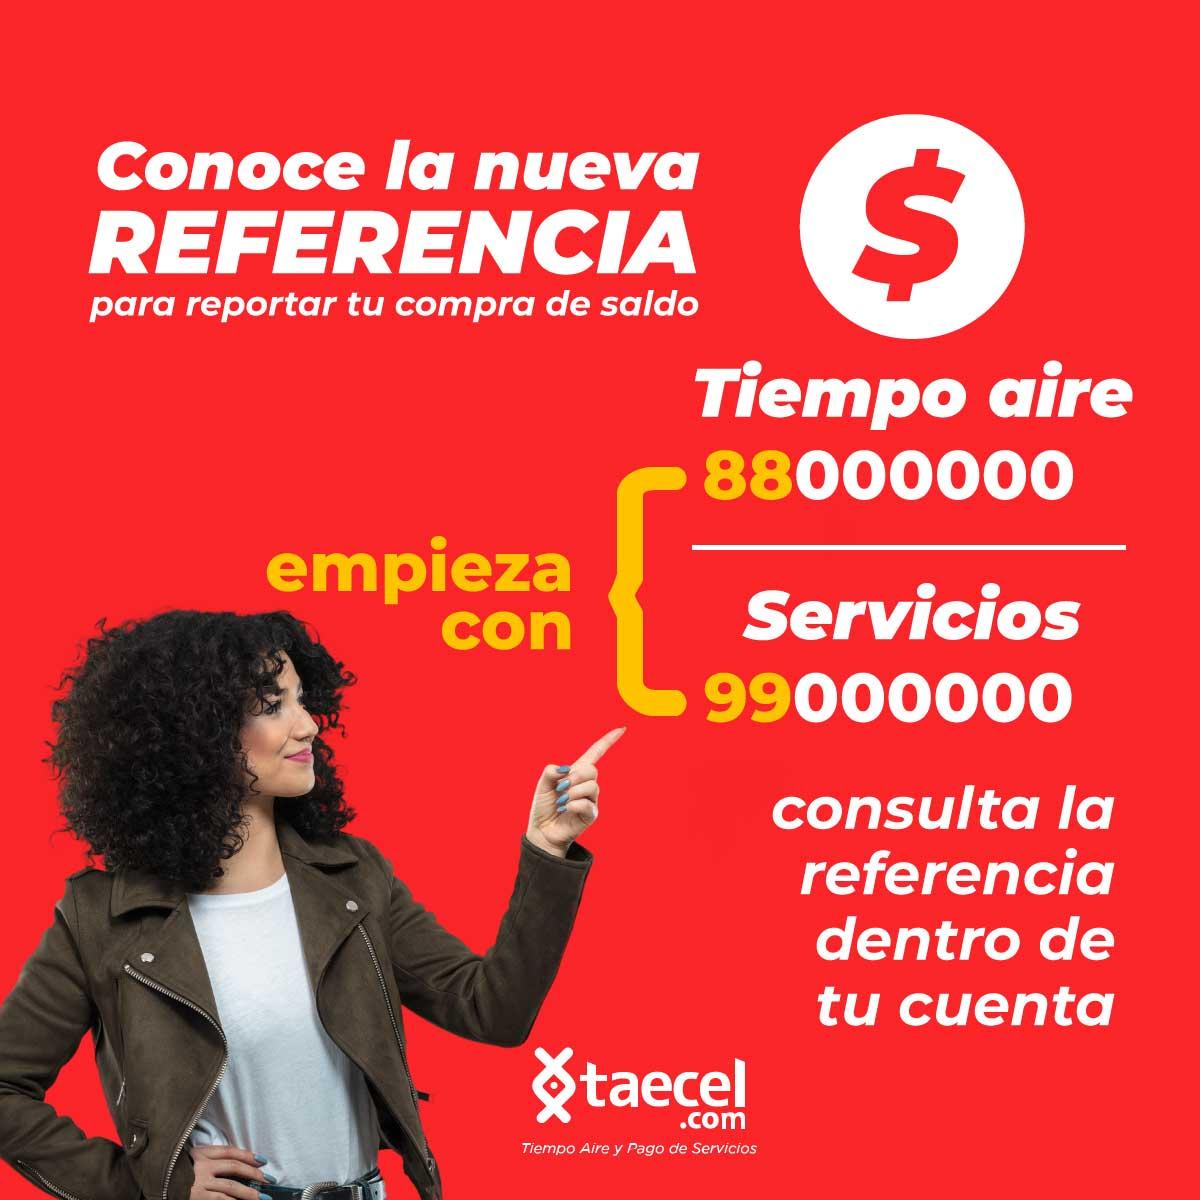 Referencia de pagos